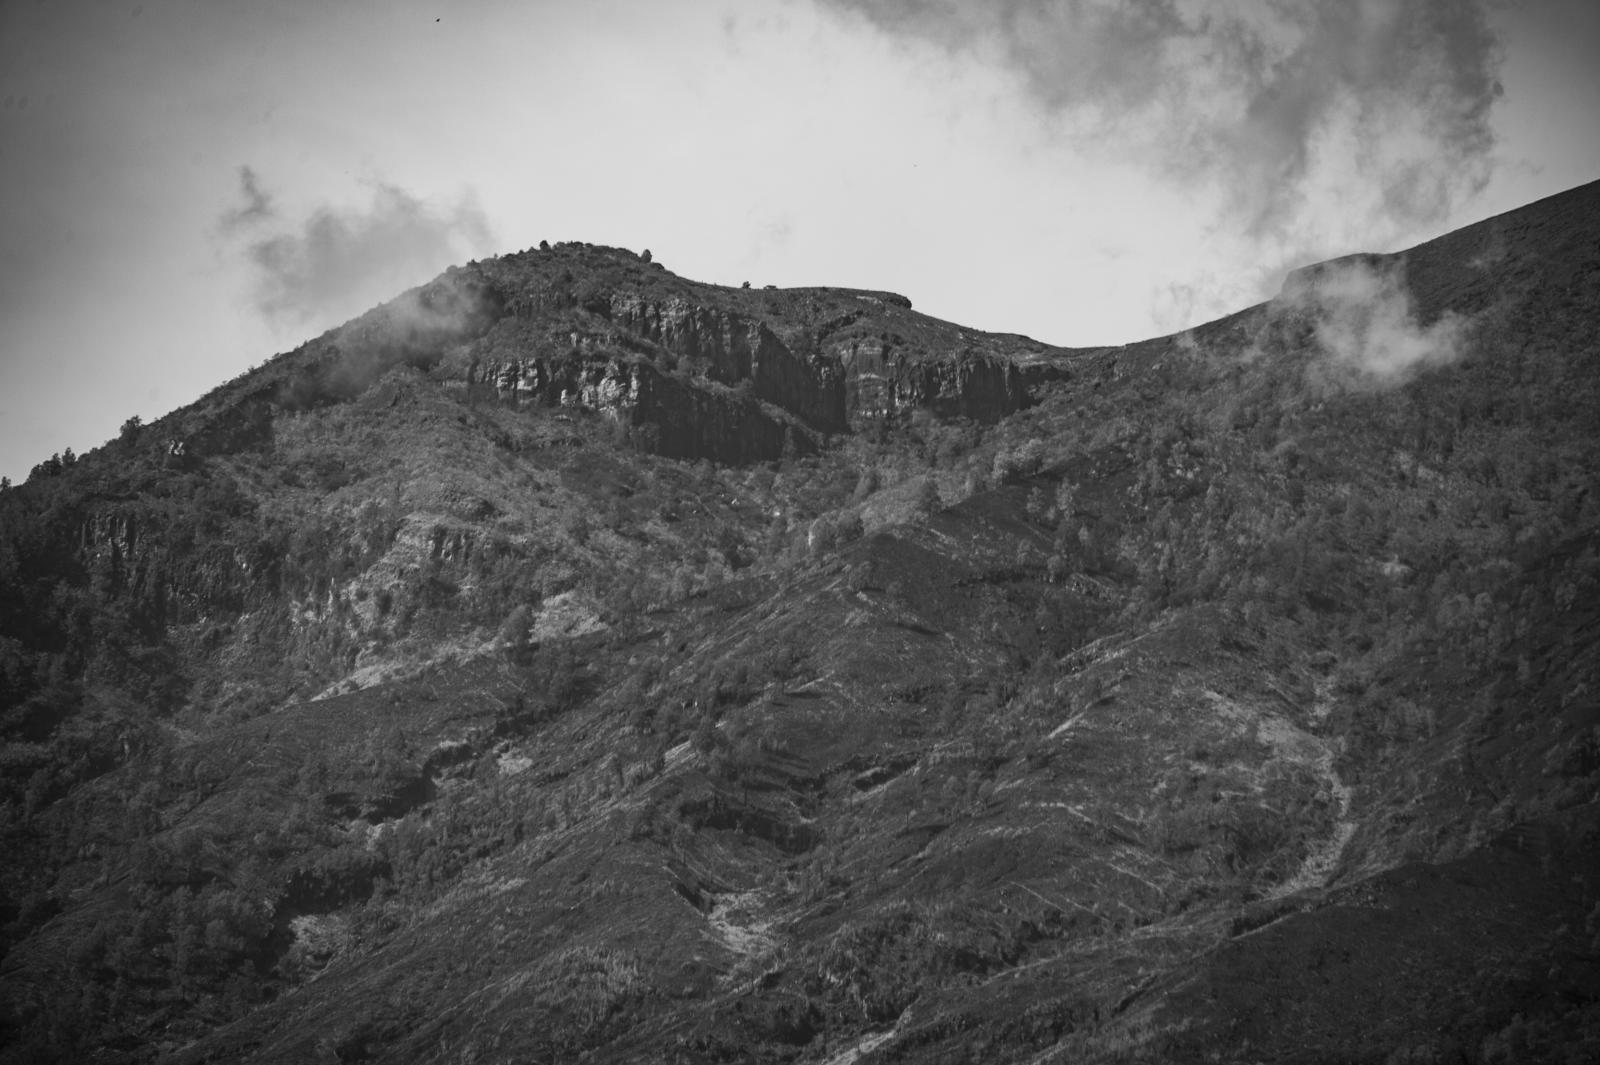 ภาคการท่องเที่ยวอินโดฯ งัดแผนรับมือภูเขาไฟอากุงปะทุ